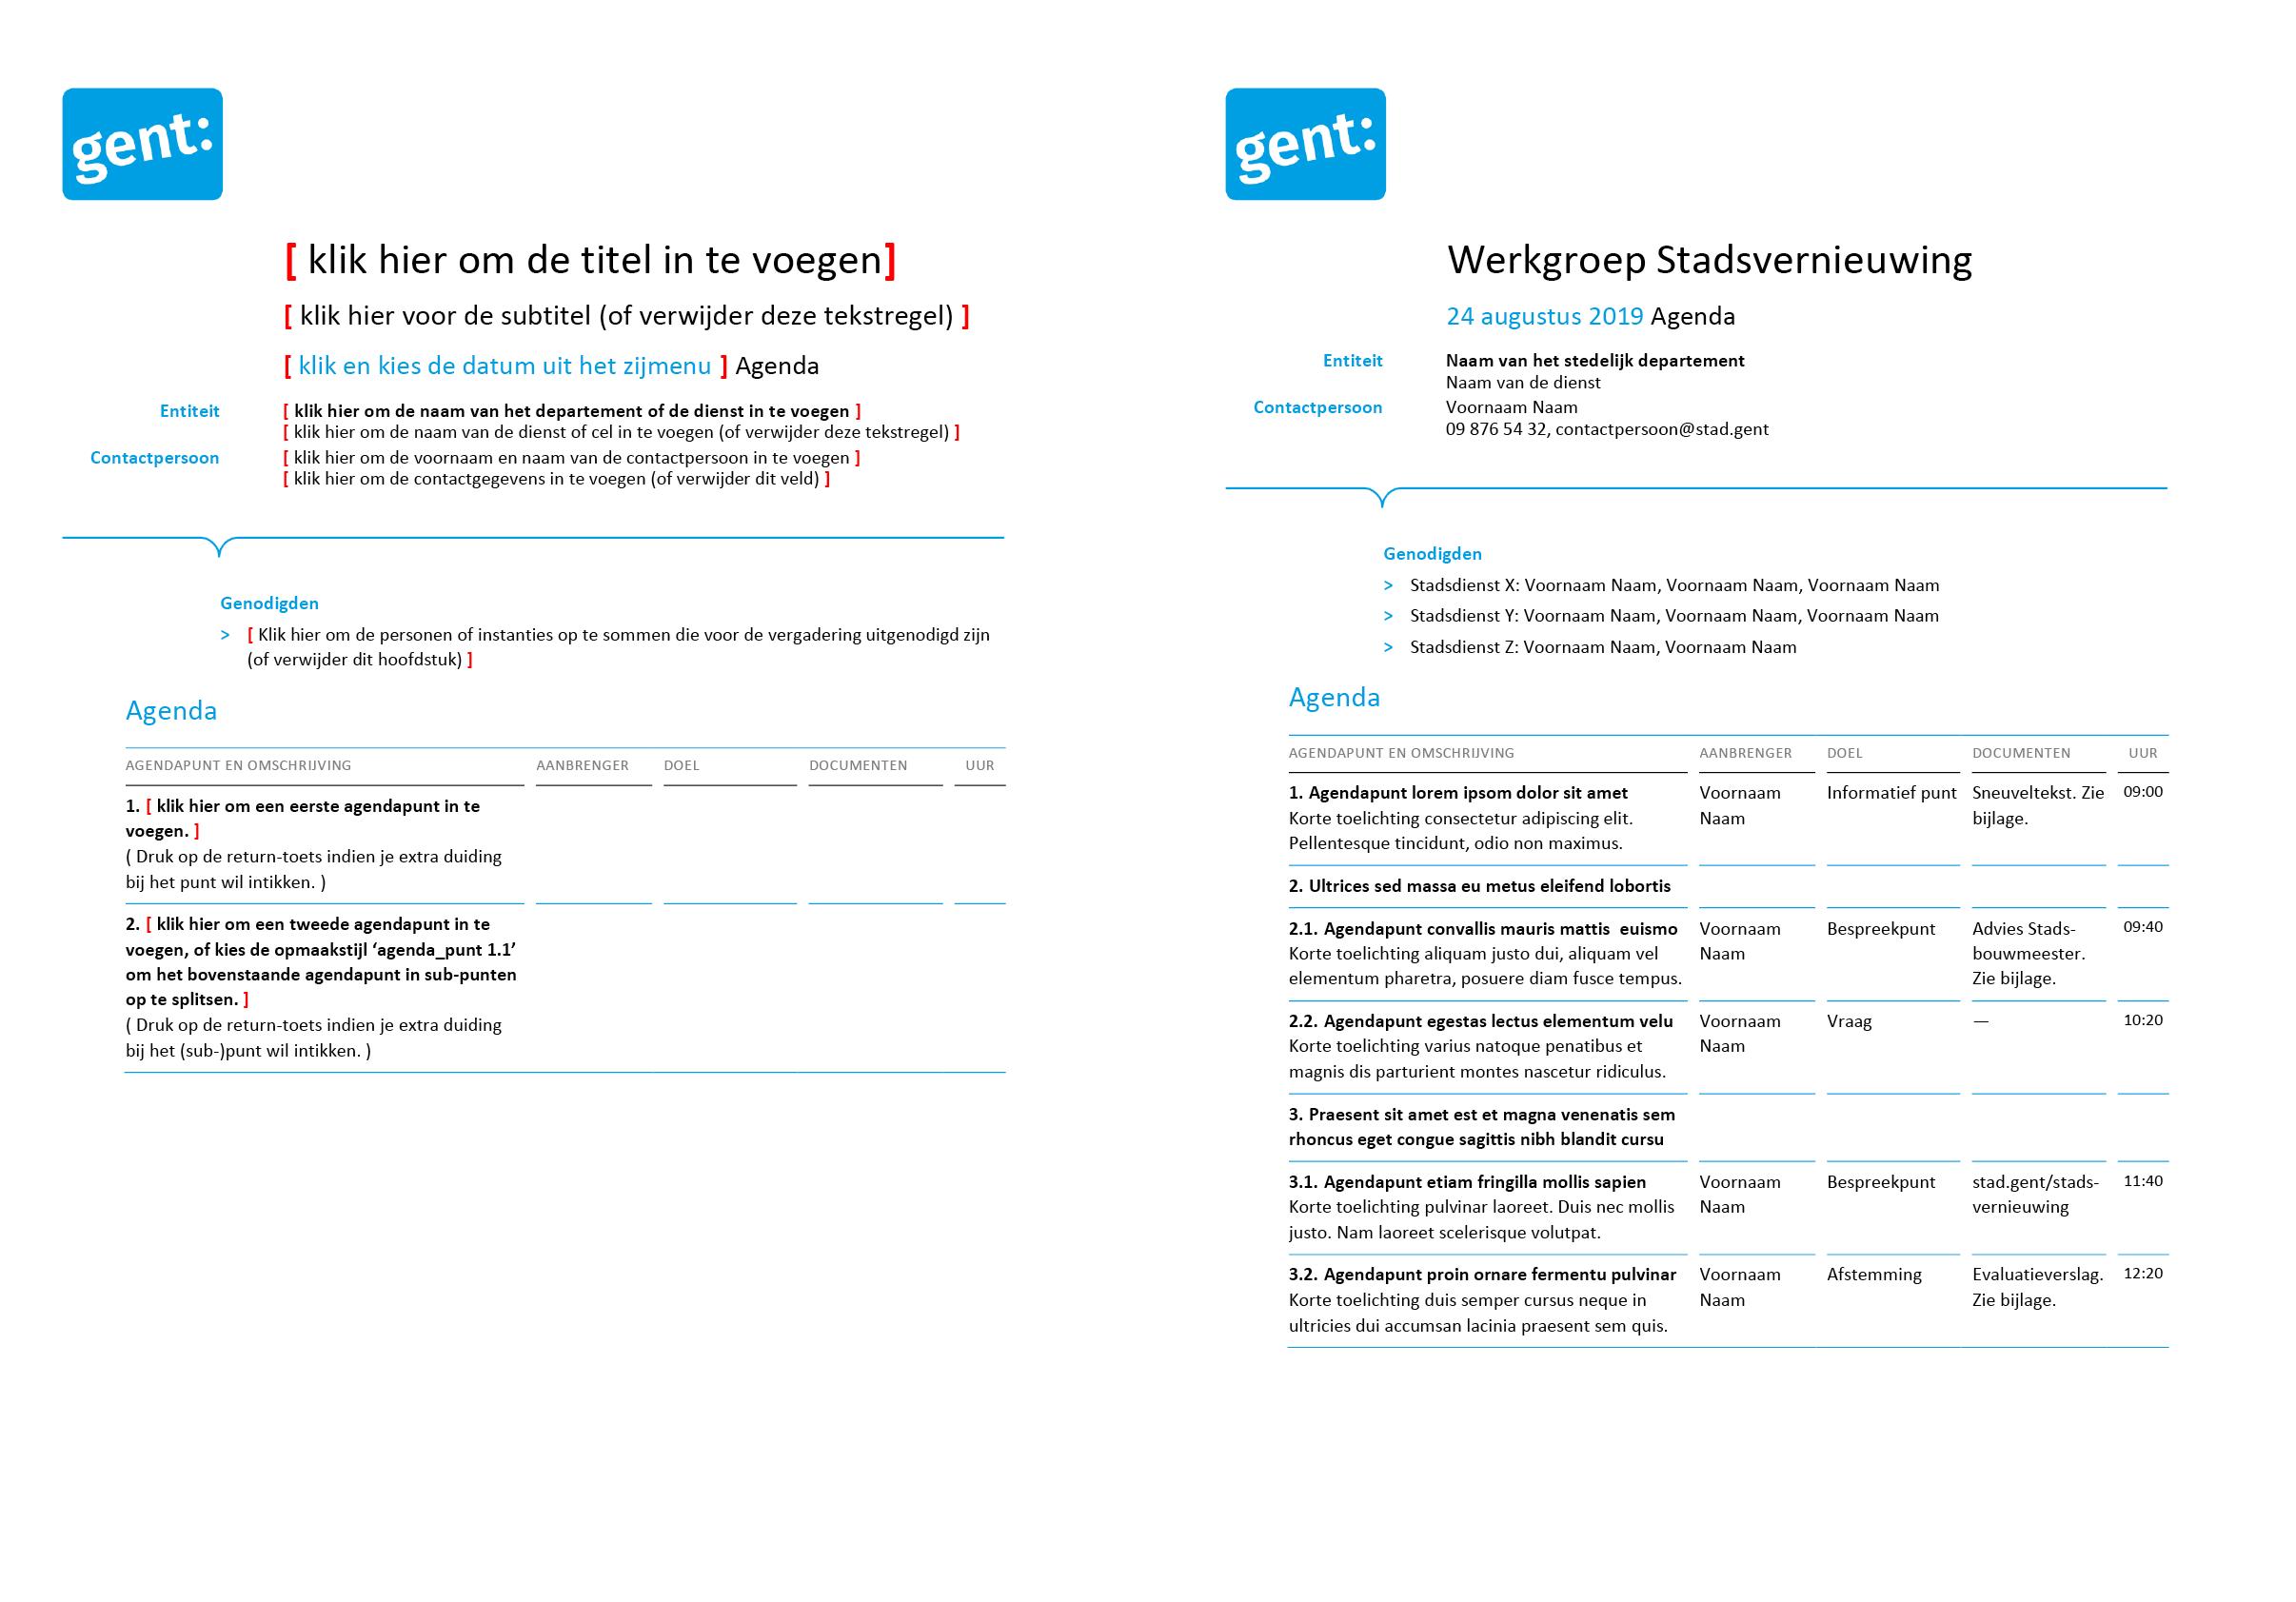 Agenda voor vergadering (blanco en ingevuld). Afgeleid Microsoft Word-sjabloon voor de Stad Gent.